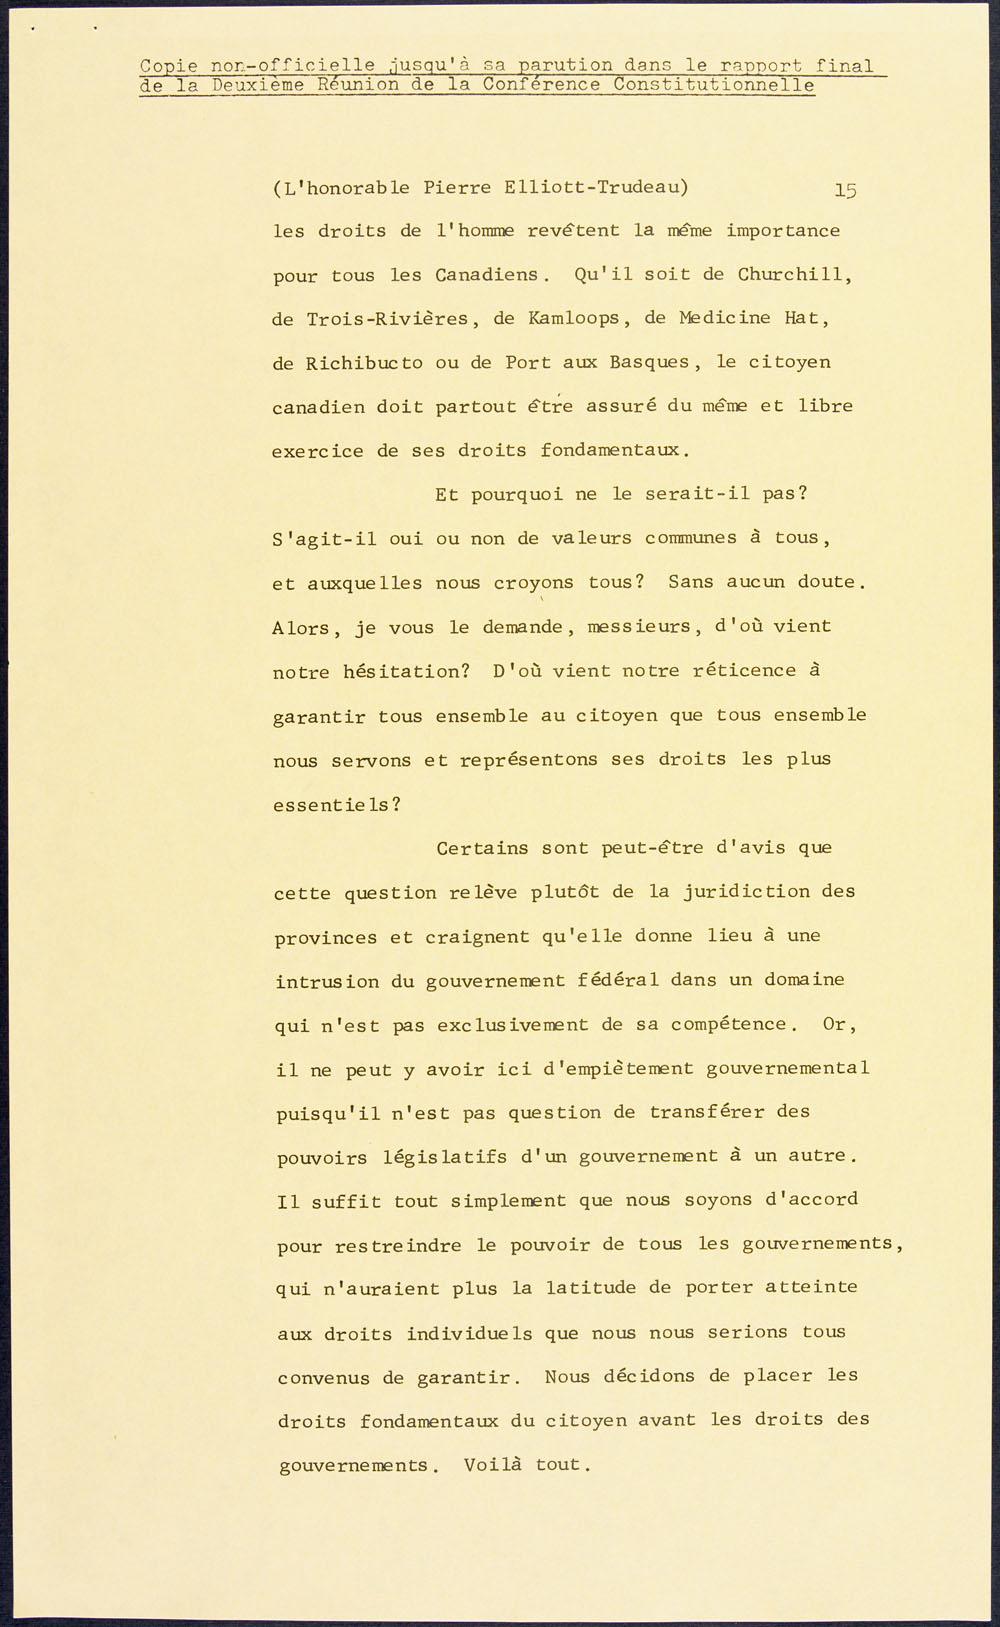 Page tirée d'un discours du premier ministre Pierre Elliott Trudeau, sur les droits et libertés au Canada, lors de la Conférence fédérale-provinciale au sujet de la Constitution, 10 février 1969